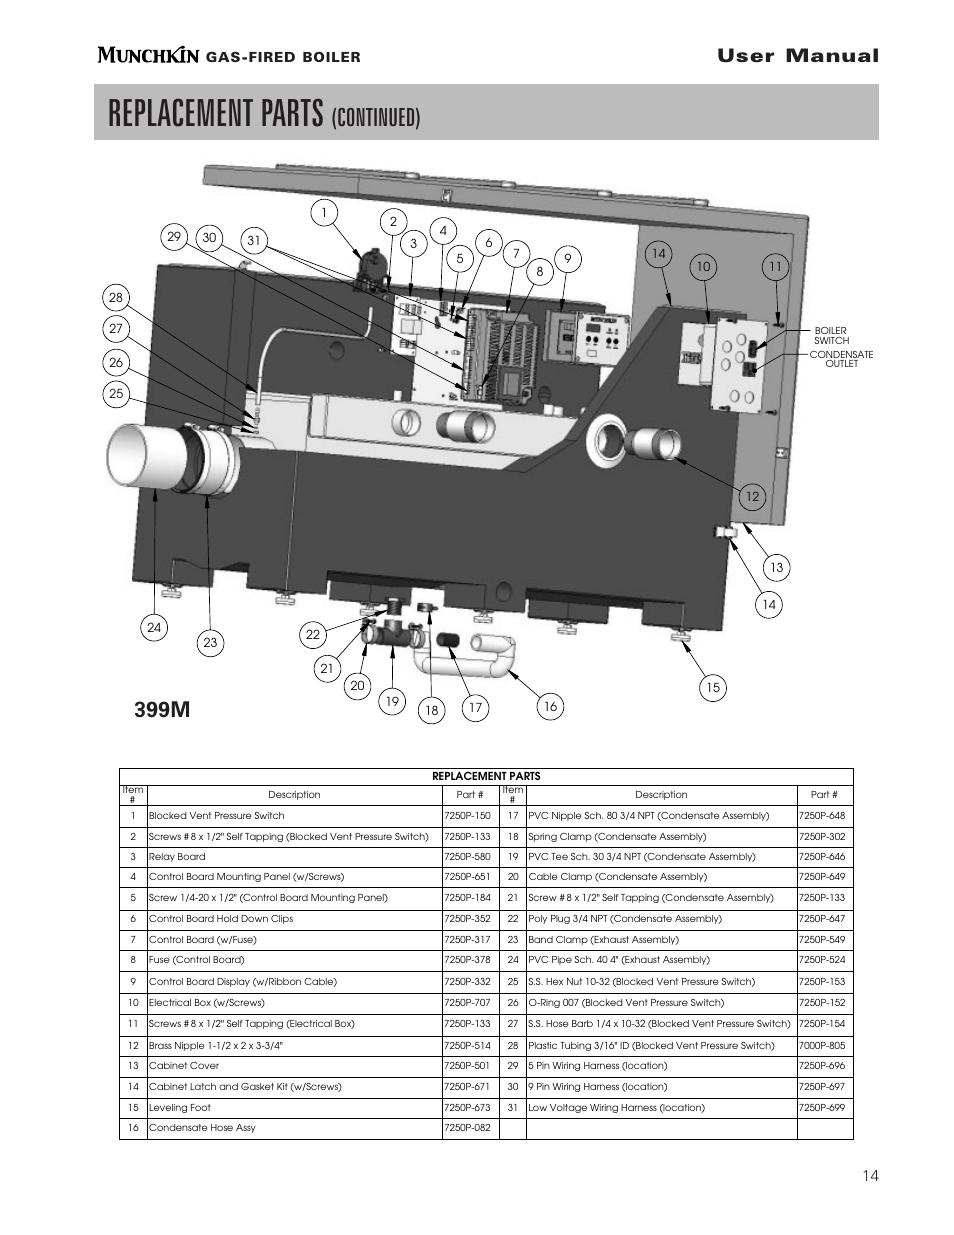 Beautiful Munchkin Instant Boiler Diagram Image - Electrical Diagram ...